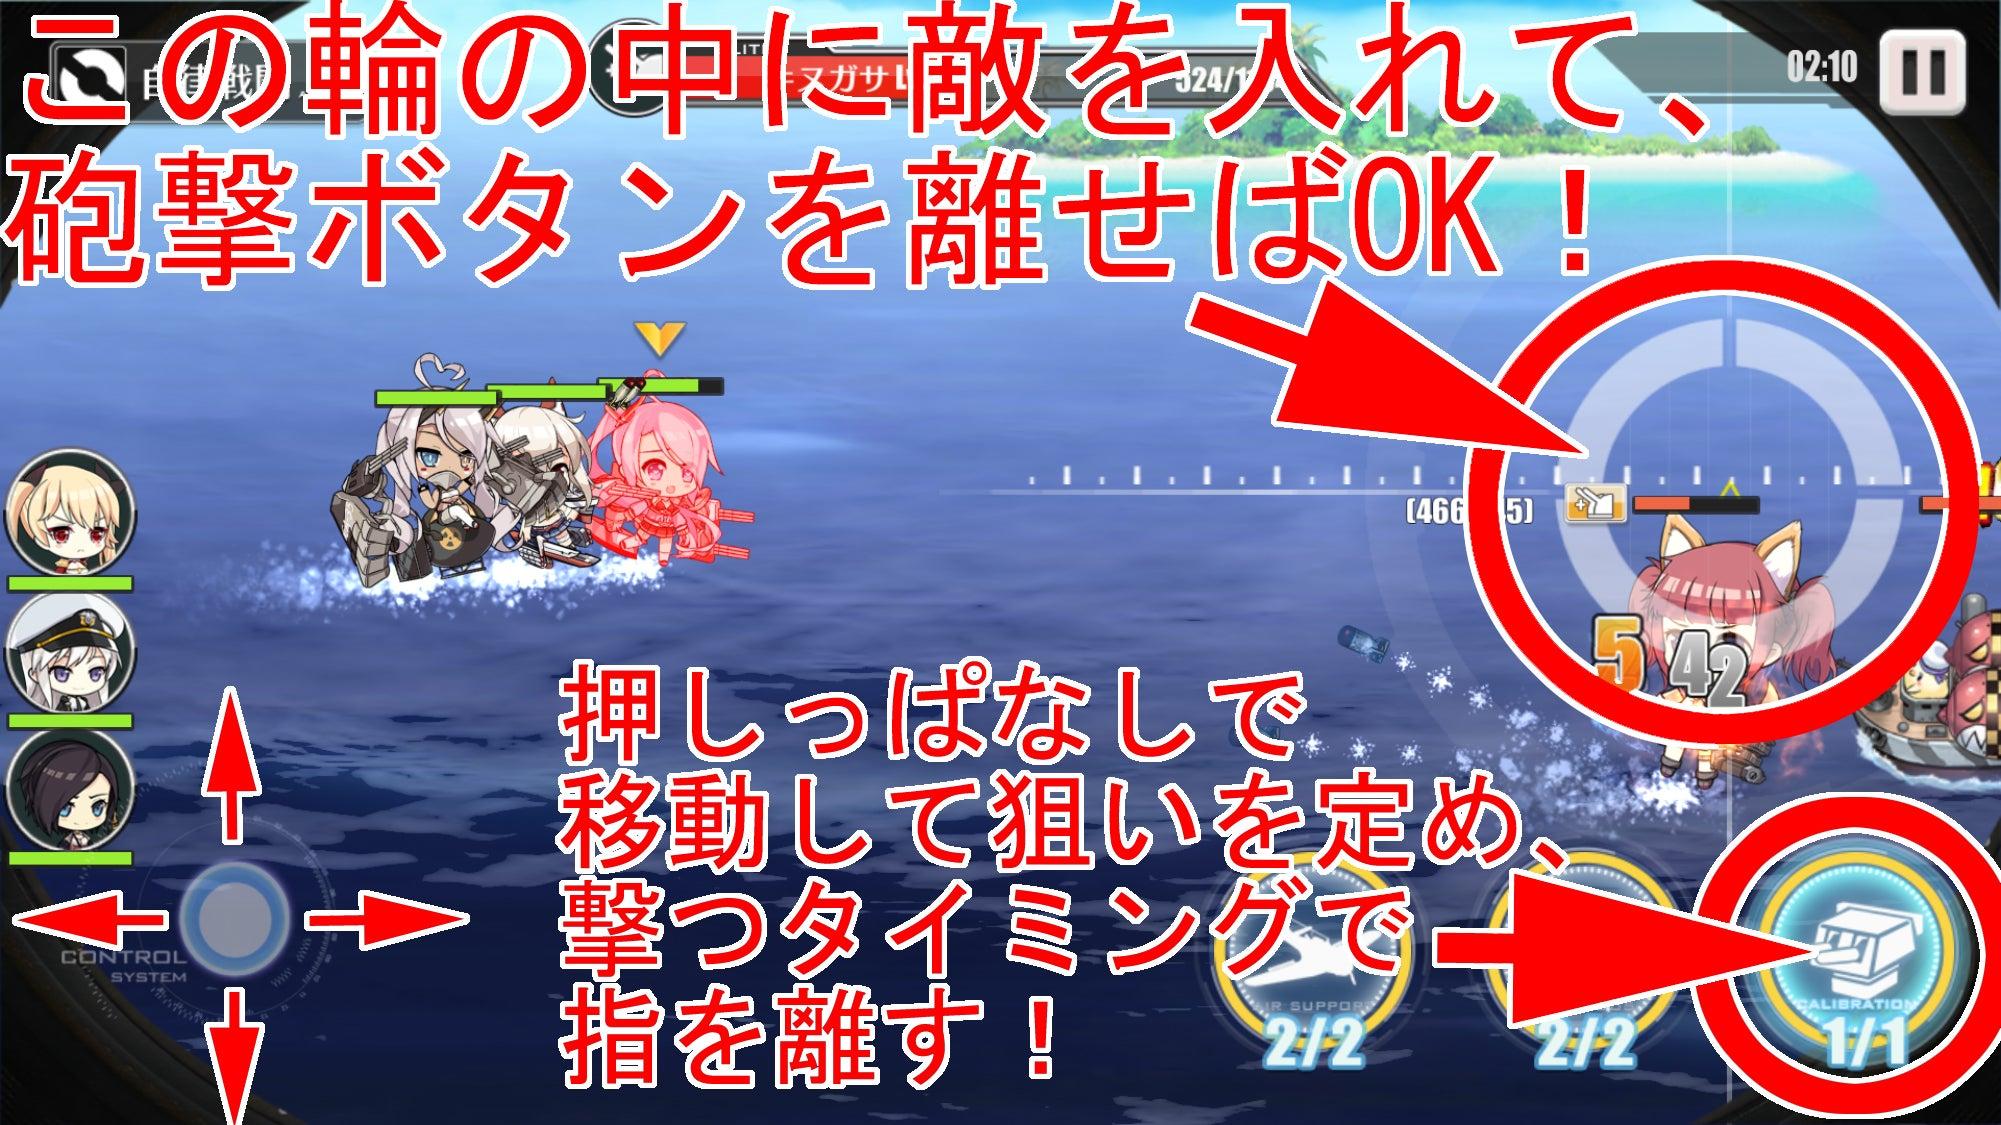 戦艦&砲艦の砲撃方法の画像